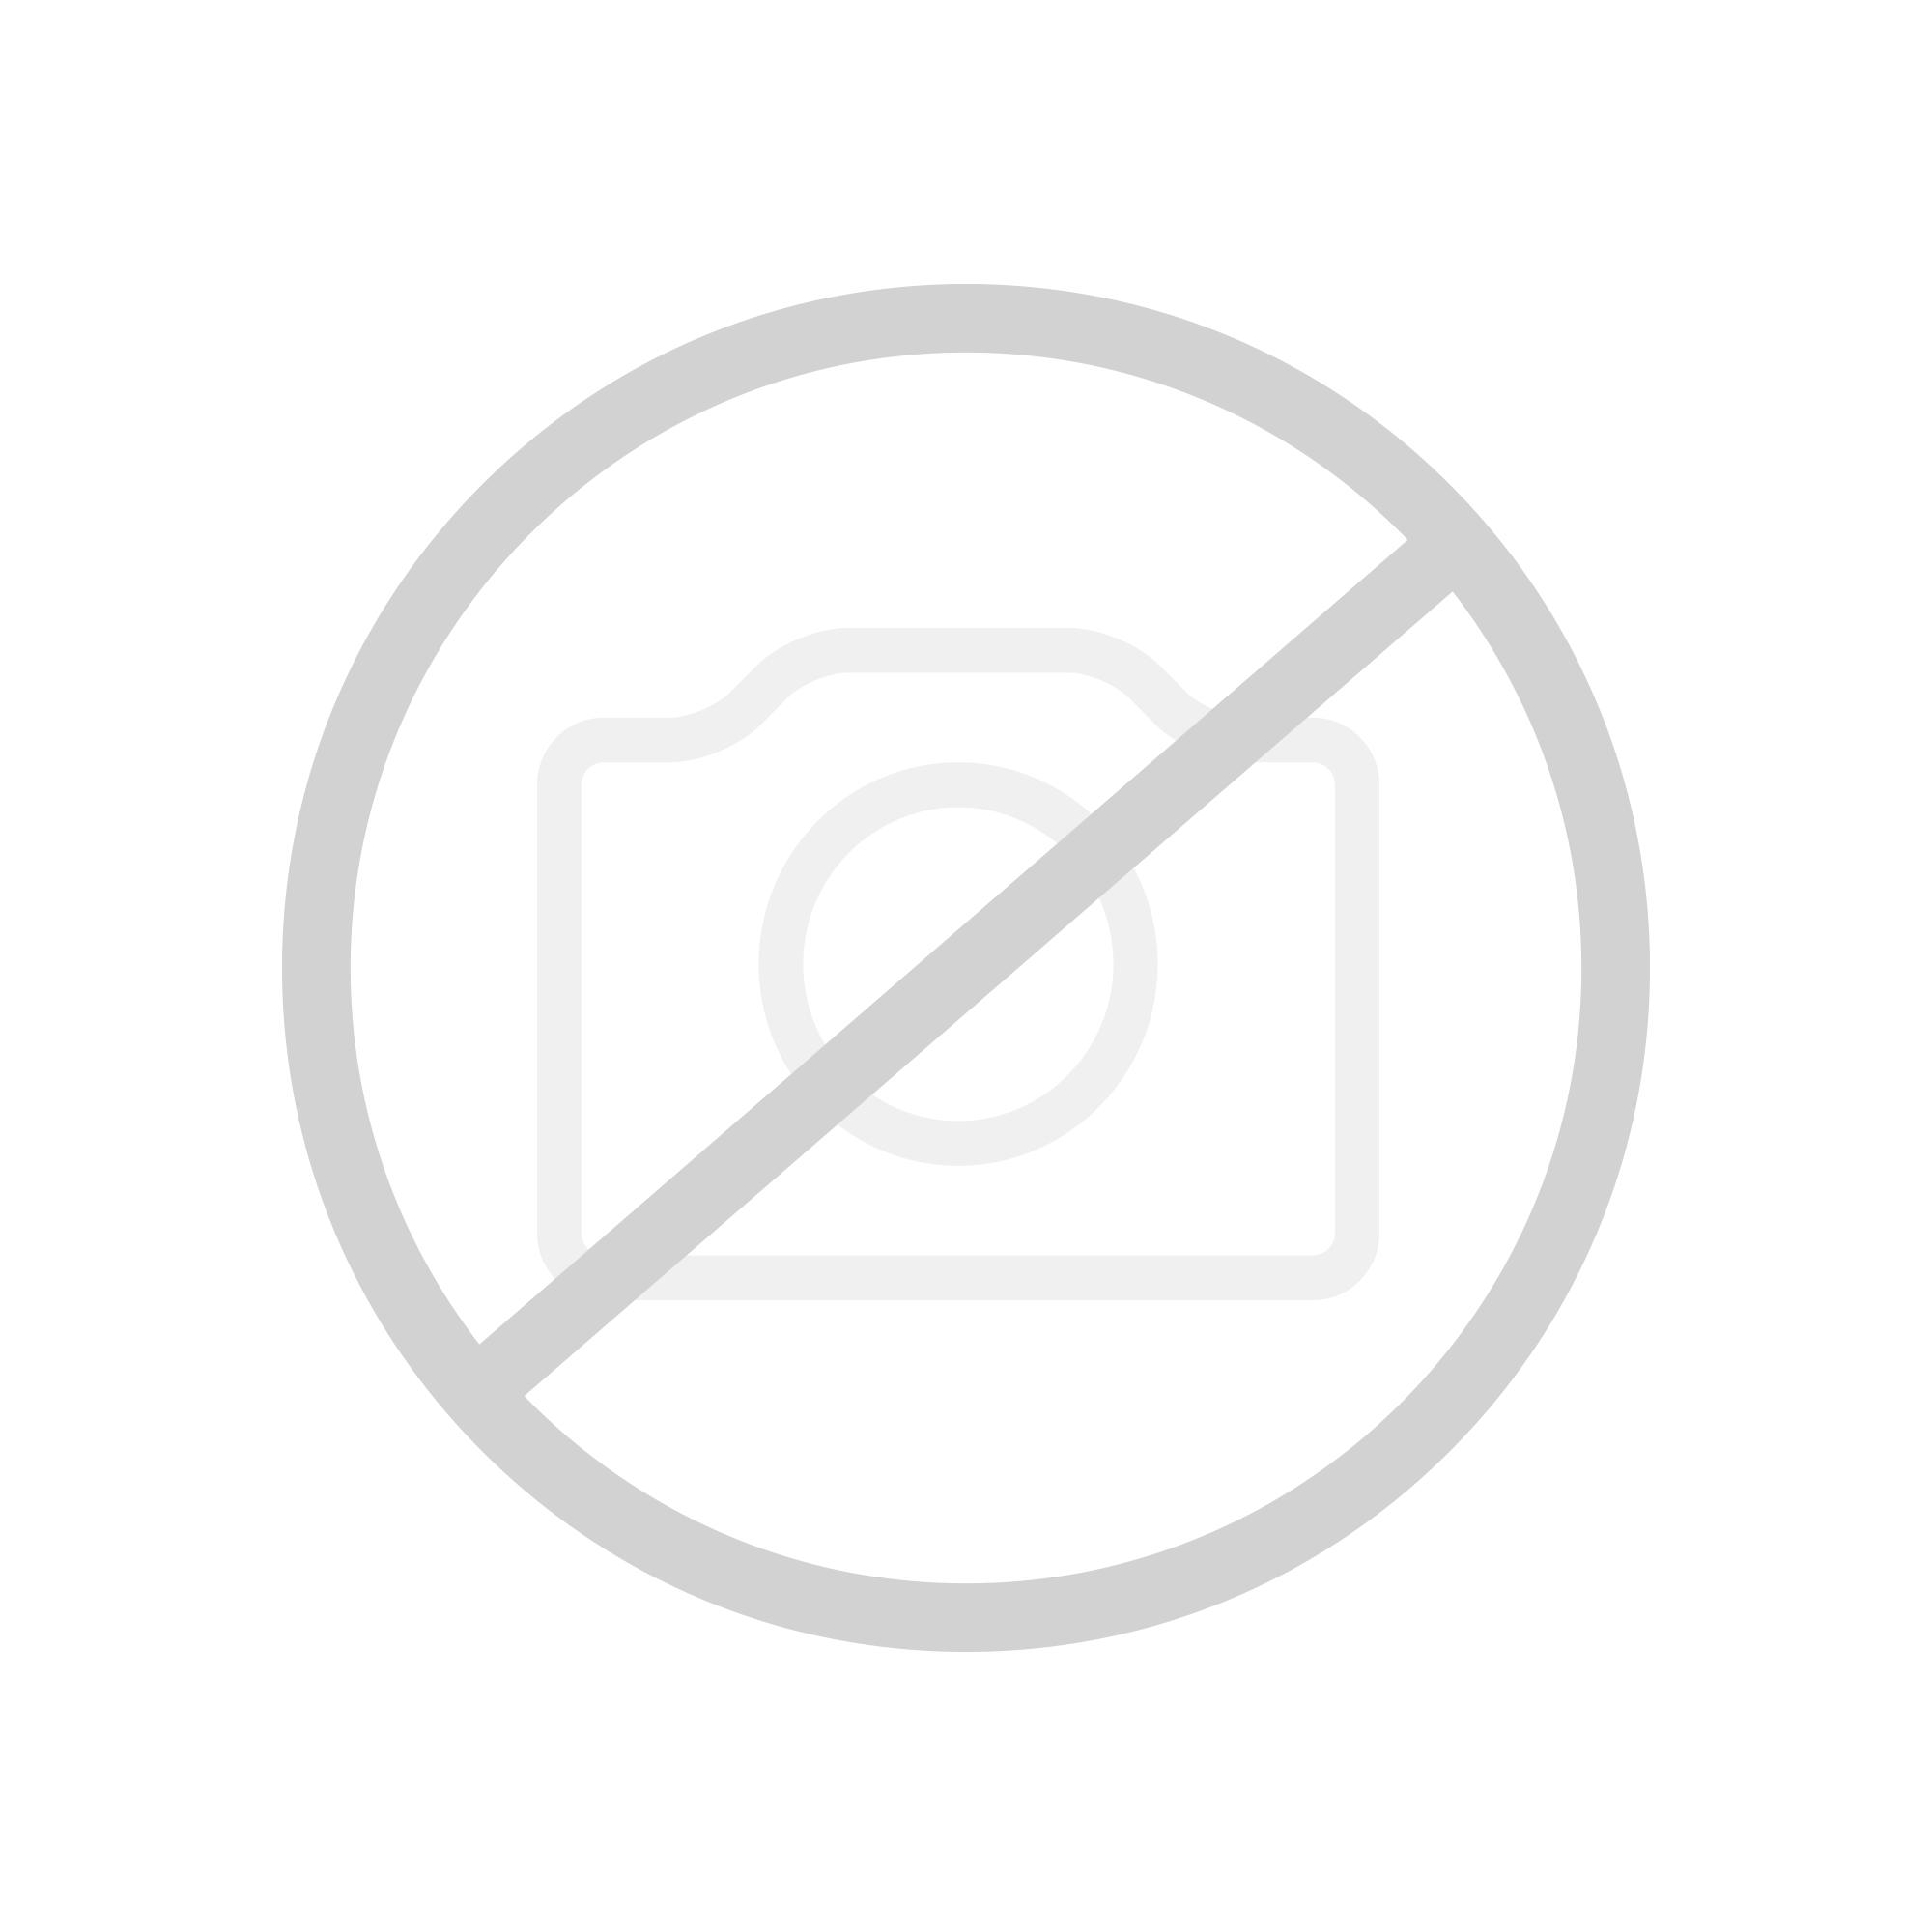 Badewanne freistehend mit füssen  Freistehende badewanne victoria albert »–› PreisSuchmaschine.de